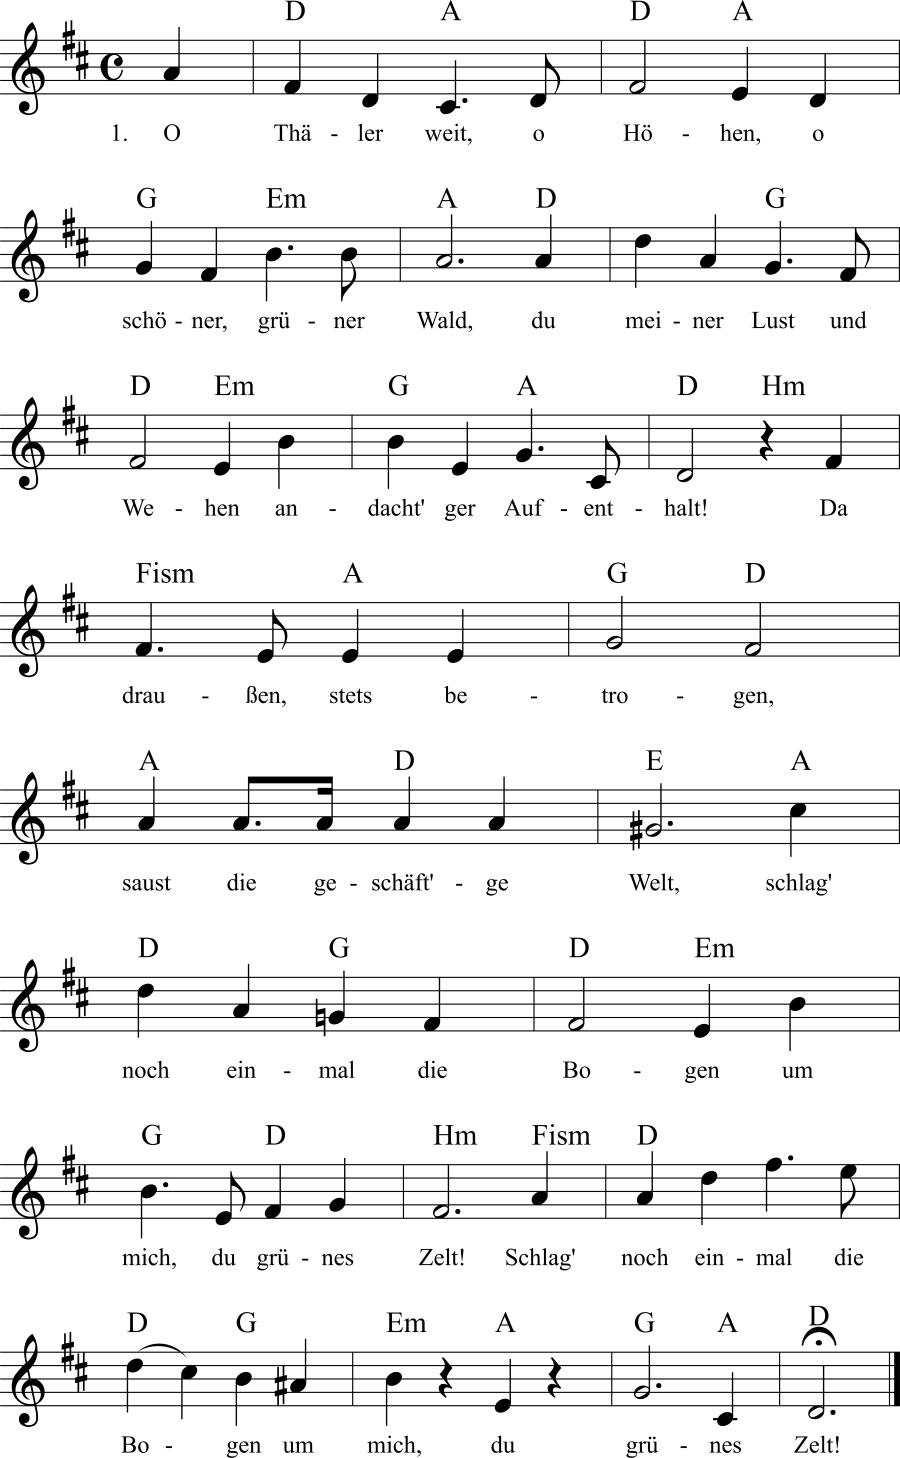 Musiknoten zum Lied Abschied vom Wald